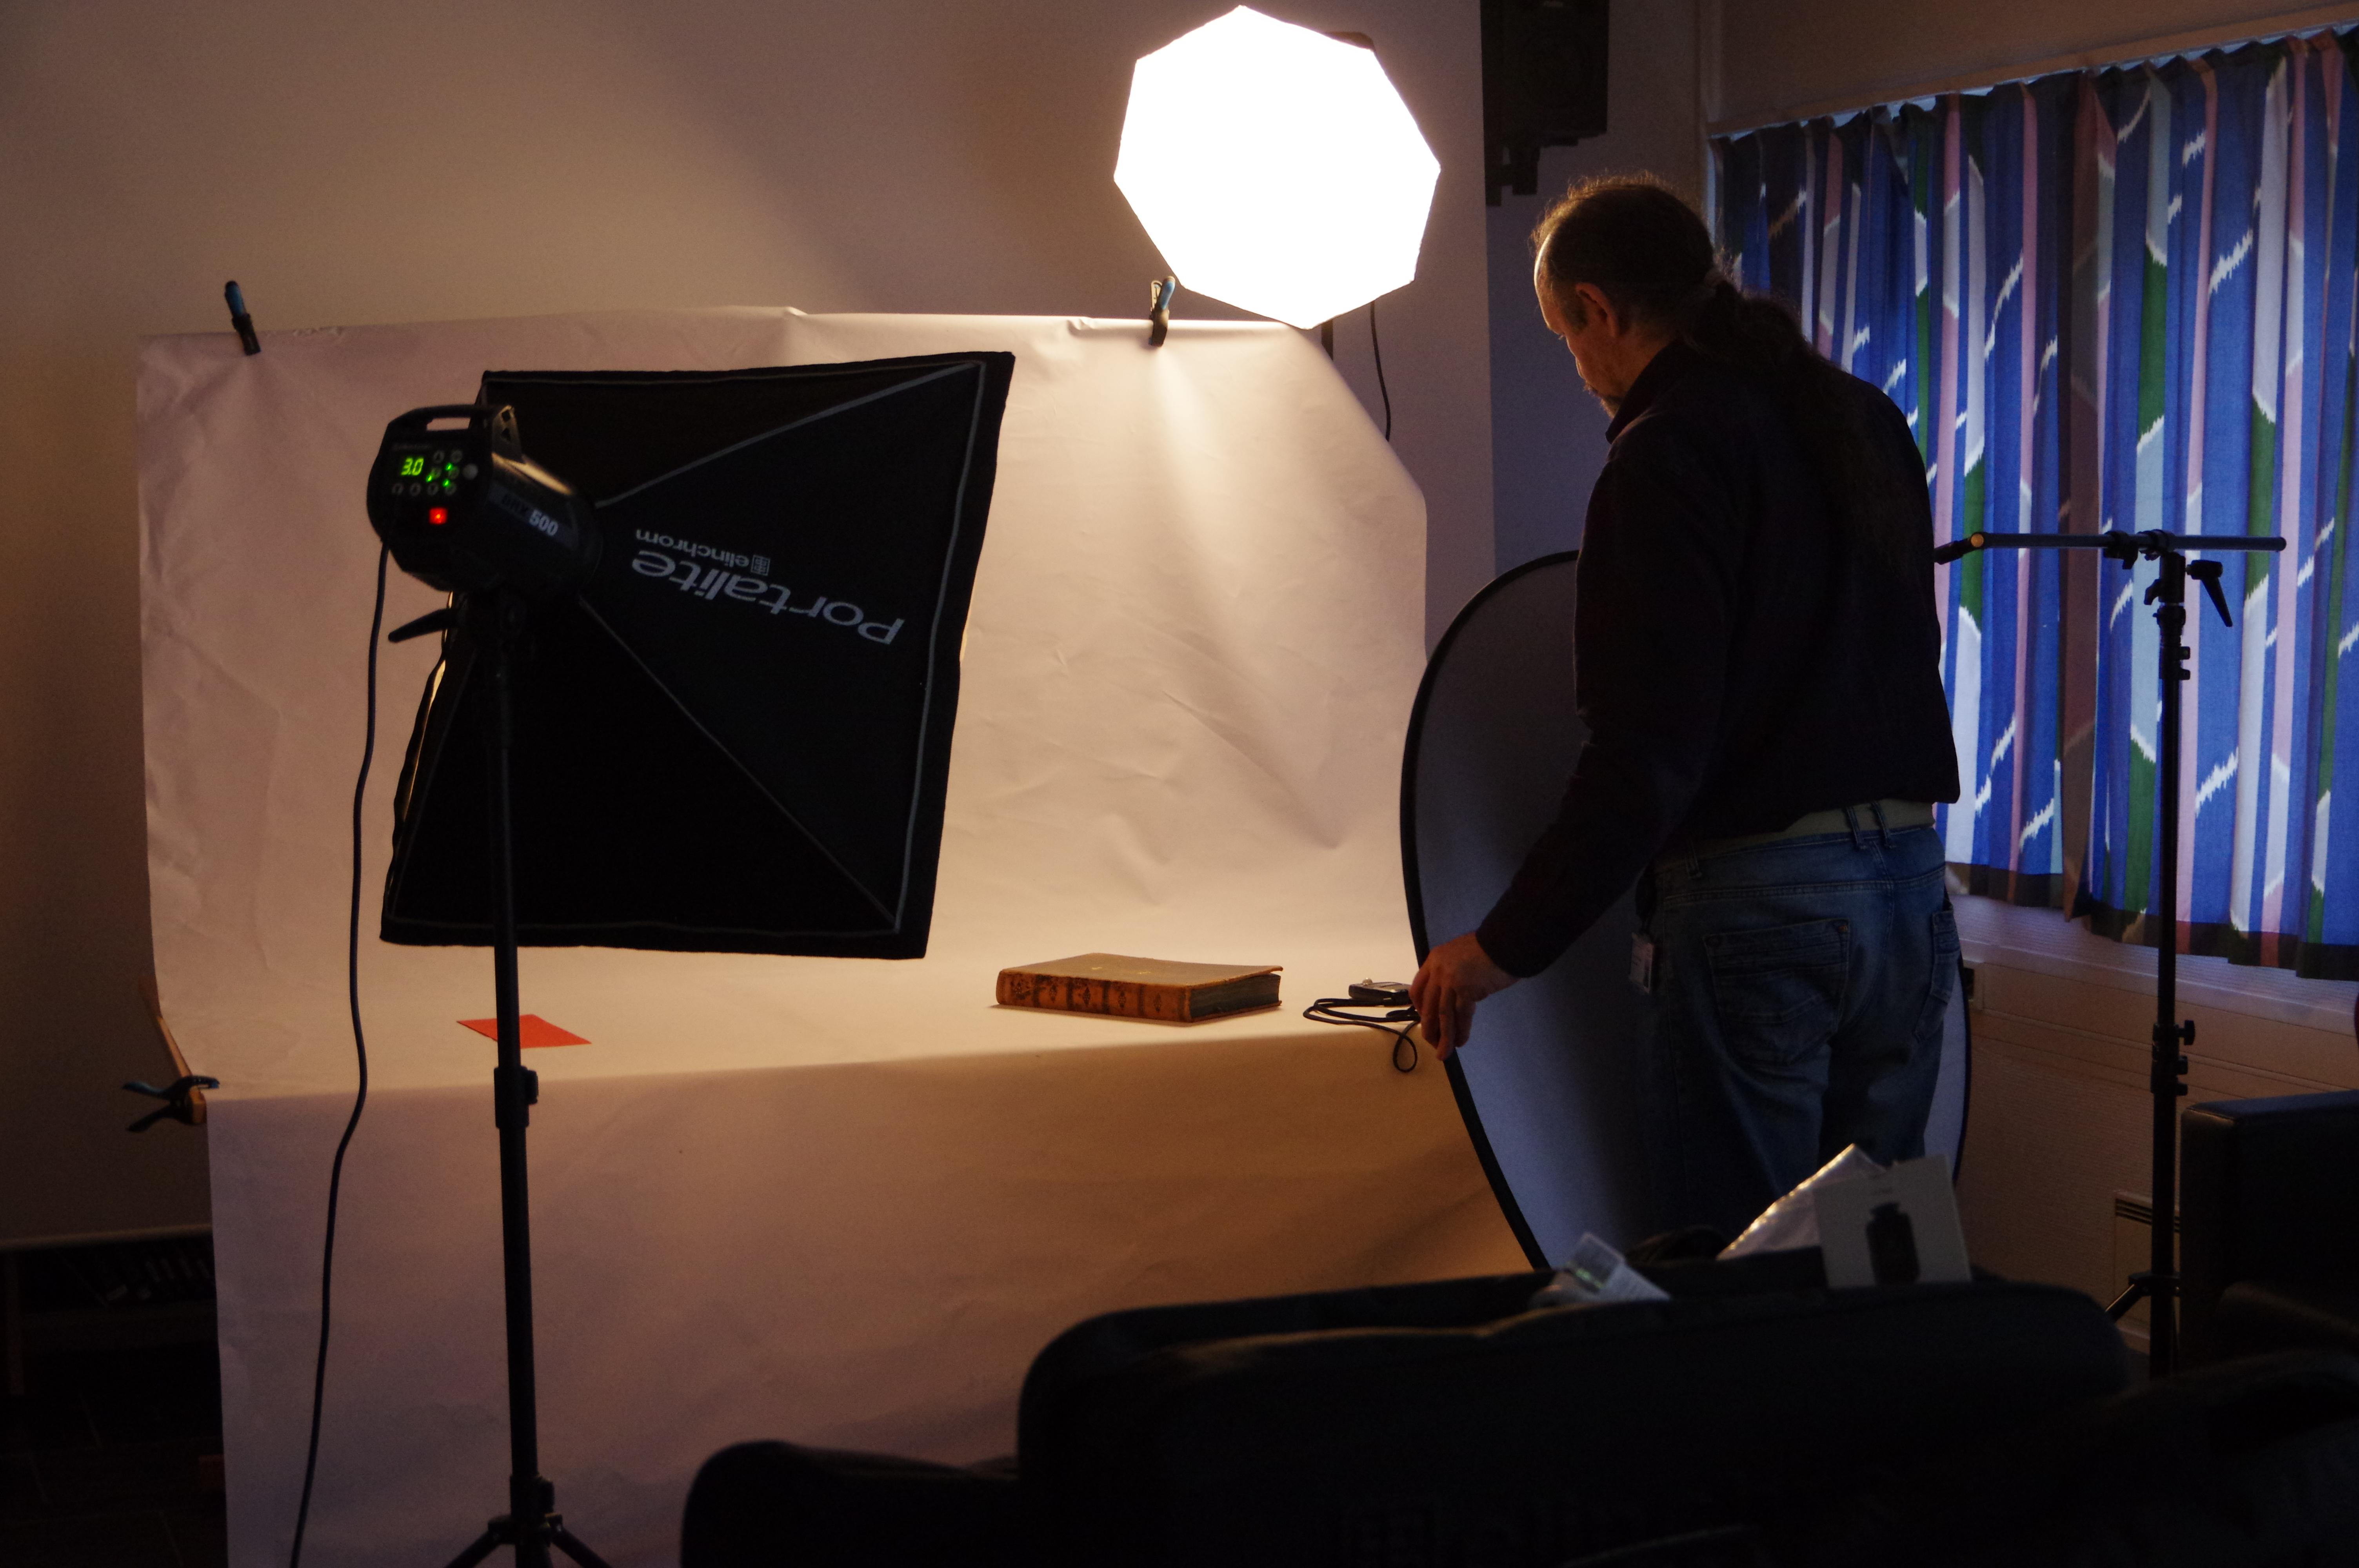 Mann står med kamera, ved kvitt bord med ein protokoll. Store lamper rundt.